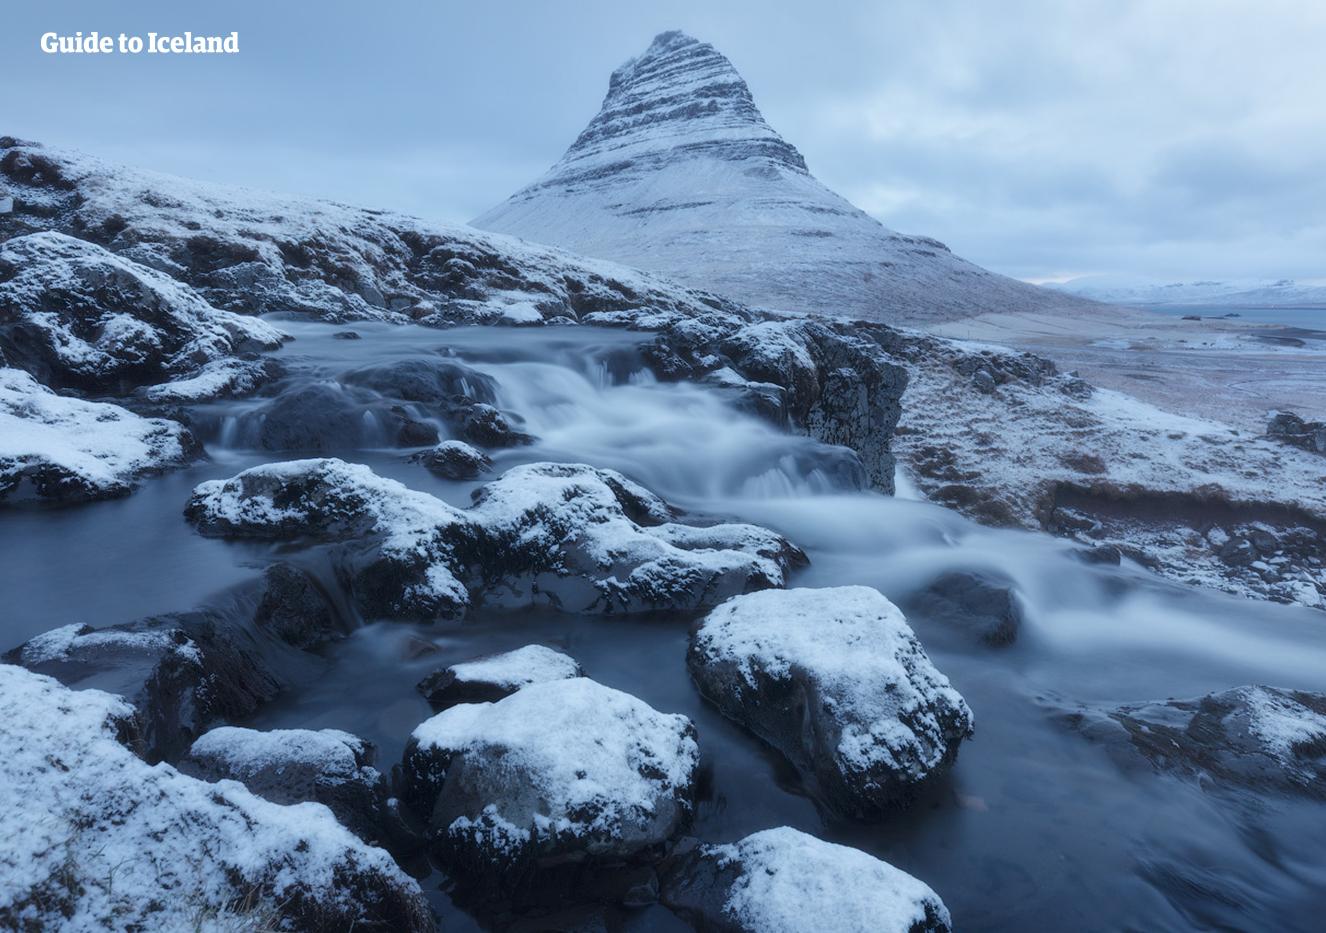 无论冬天还是夏天,教会山Kirkjufell都是冰岛最常被拍摄的山峰之一